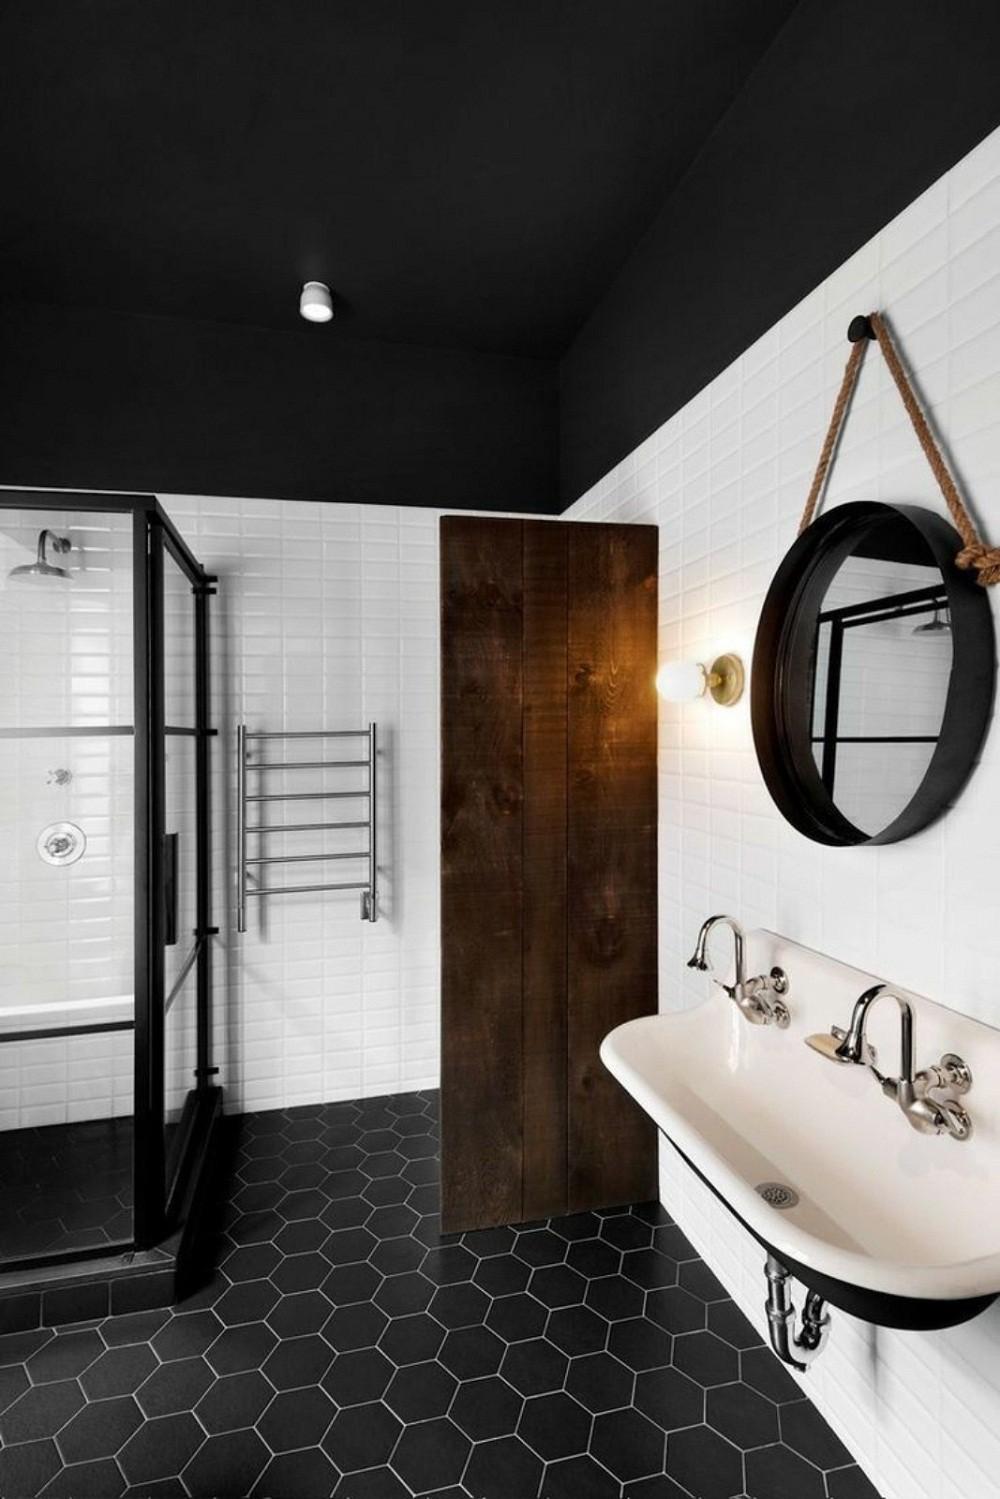 mẫu phòng tắm đen - trắng ấn tượng